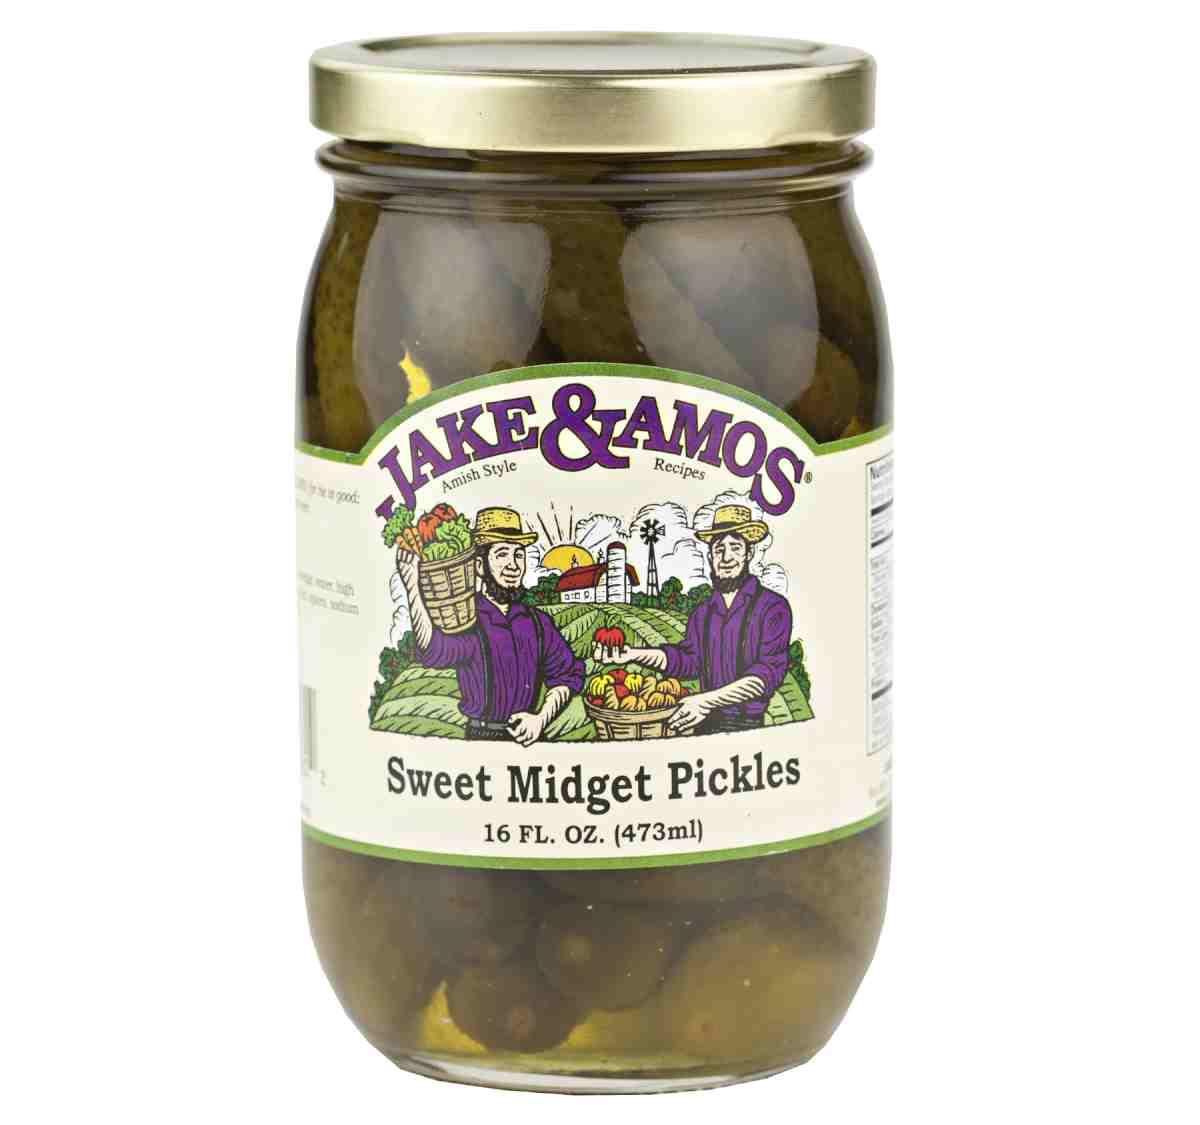 Jake & Amos Sweet Midget Pickles 16 oz. (3 Jars)